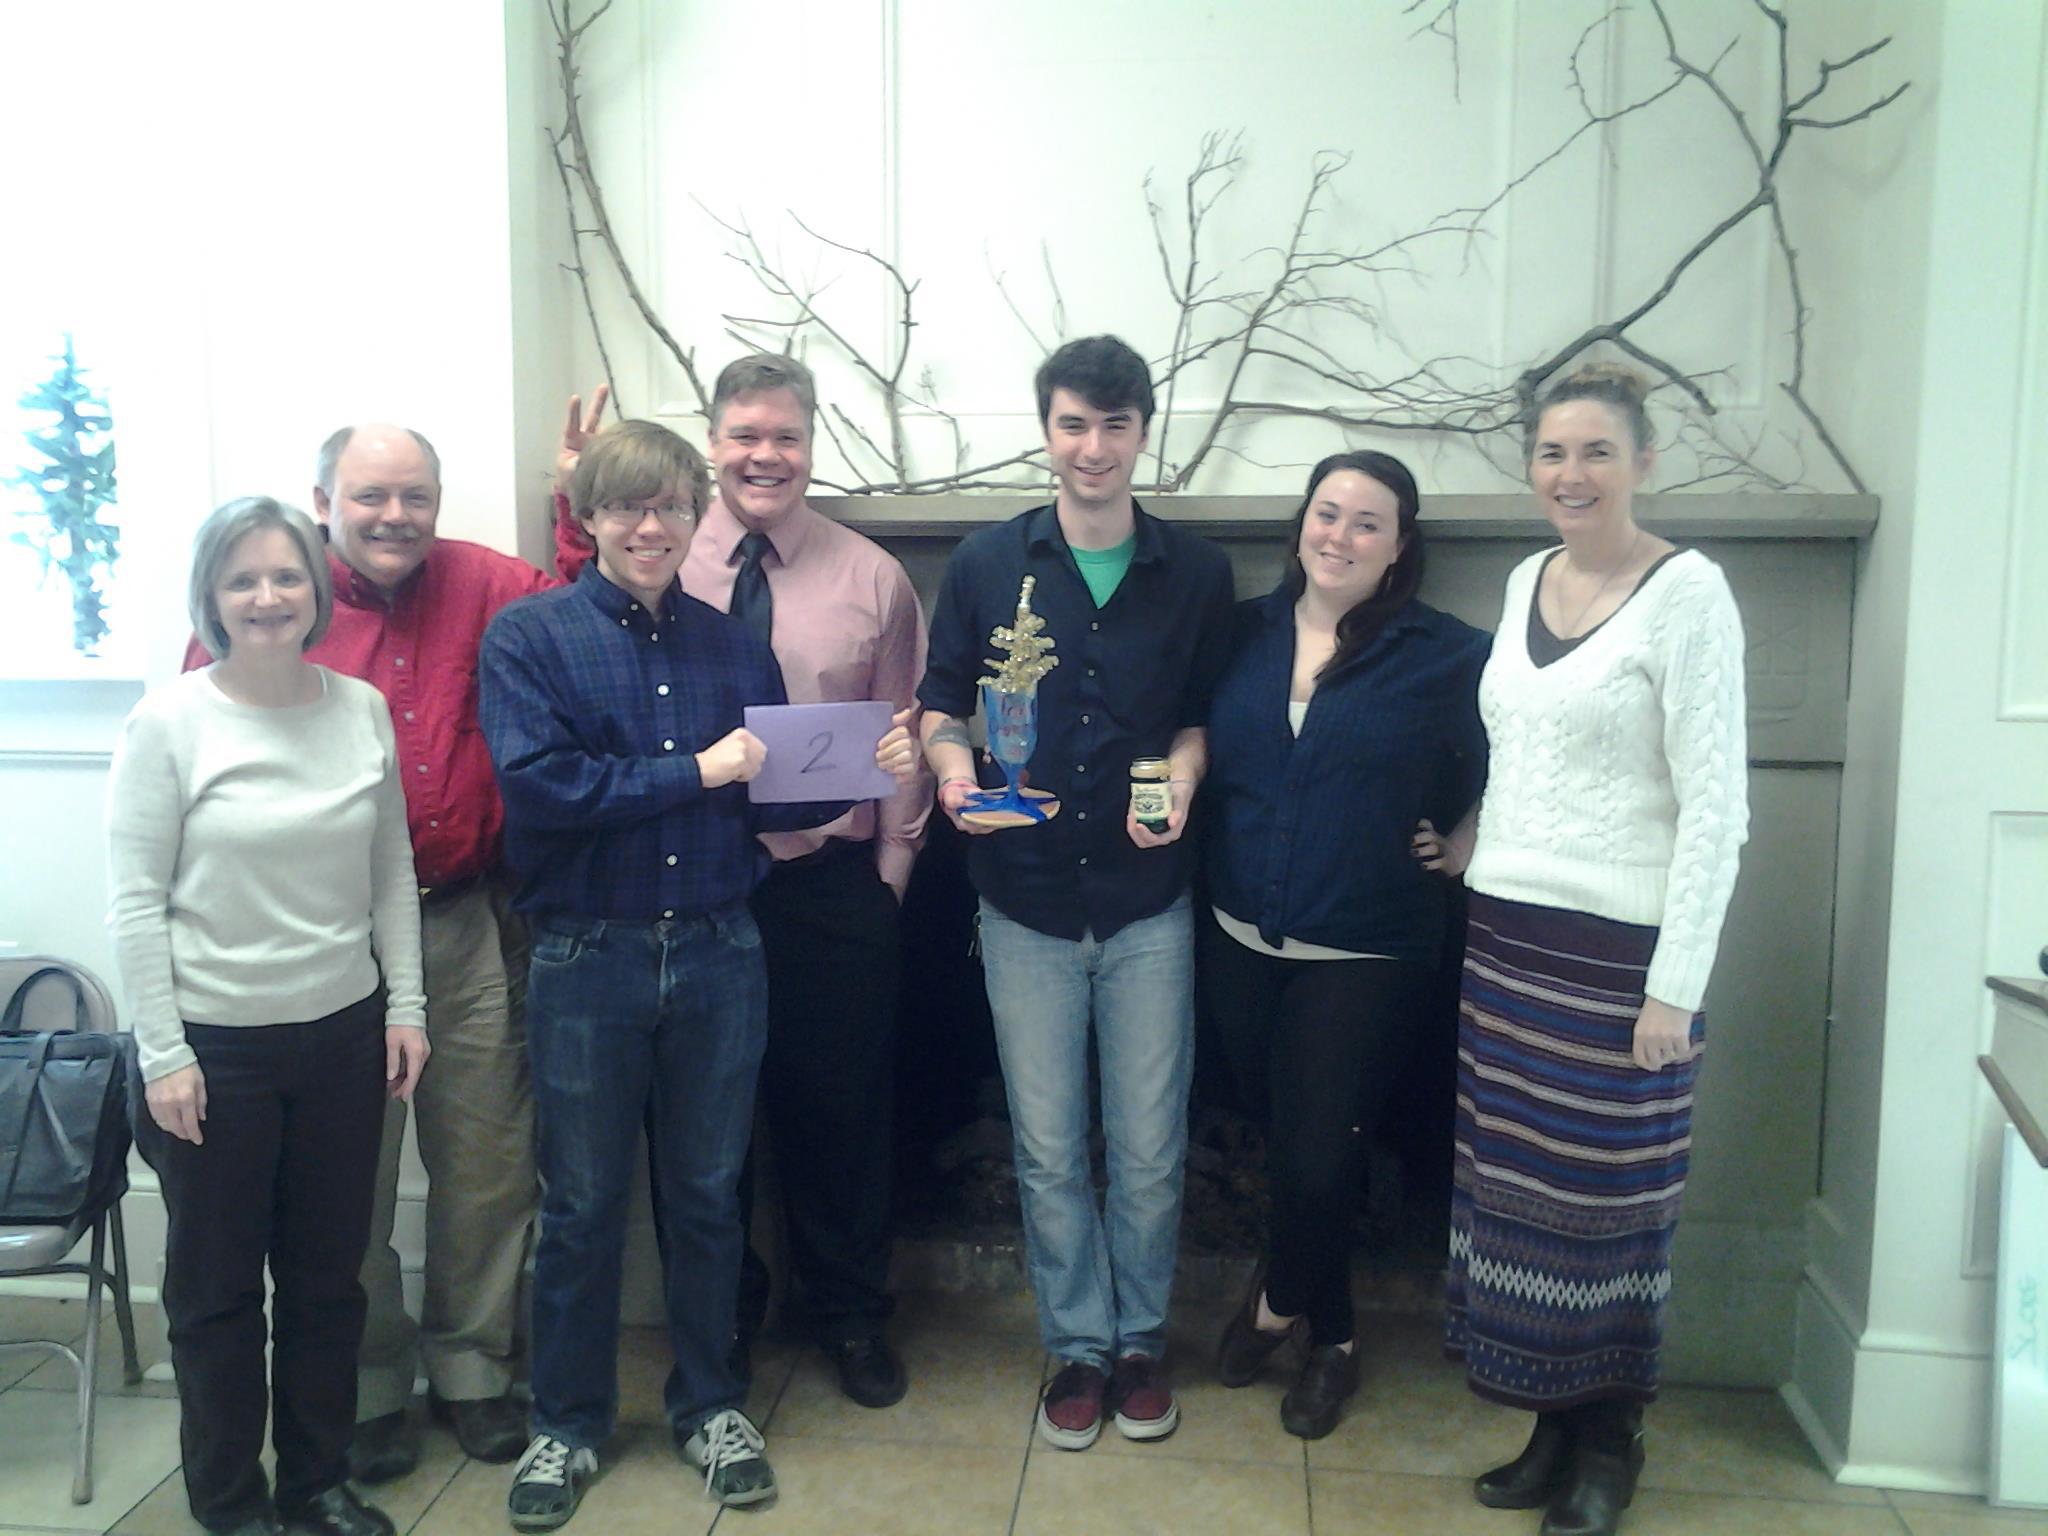 Trivia Winners - March 10, 2013  Beverly Baker, Tim Baker, Noah Baker, Kevin Corlett, Adam Creech, Emma Pridham, and Annette Ellard. Congrats!